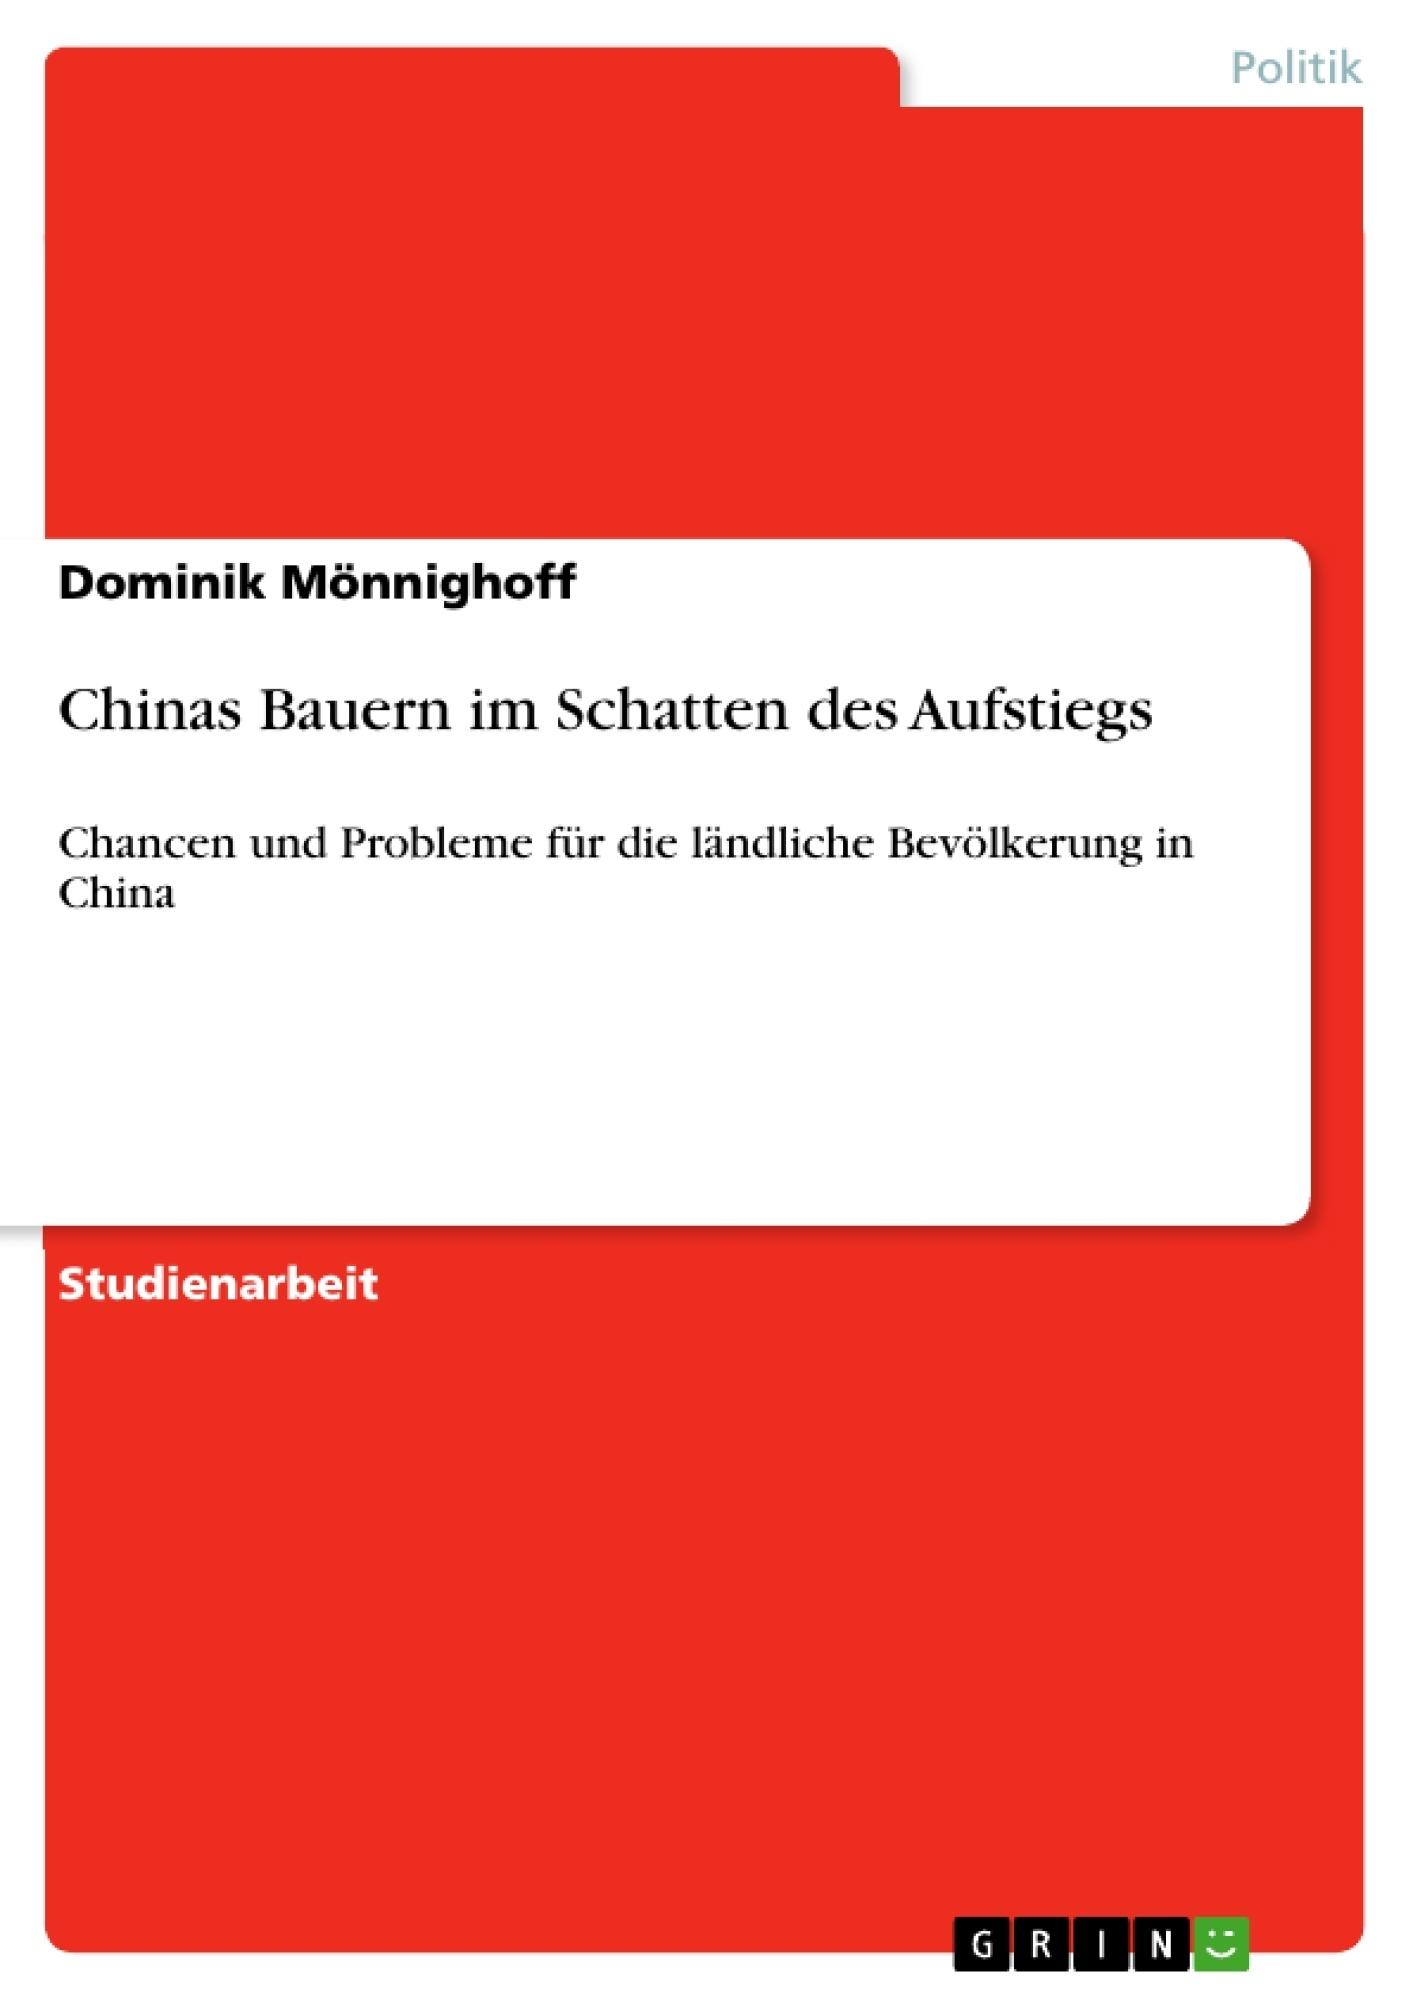 Titel: Chinas Bauern im Schatten des Aufstiegs